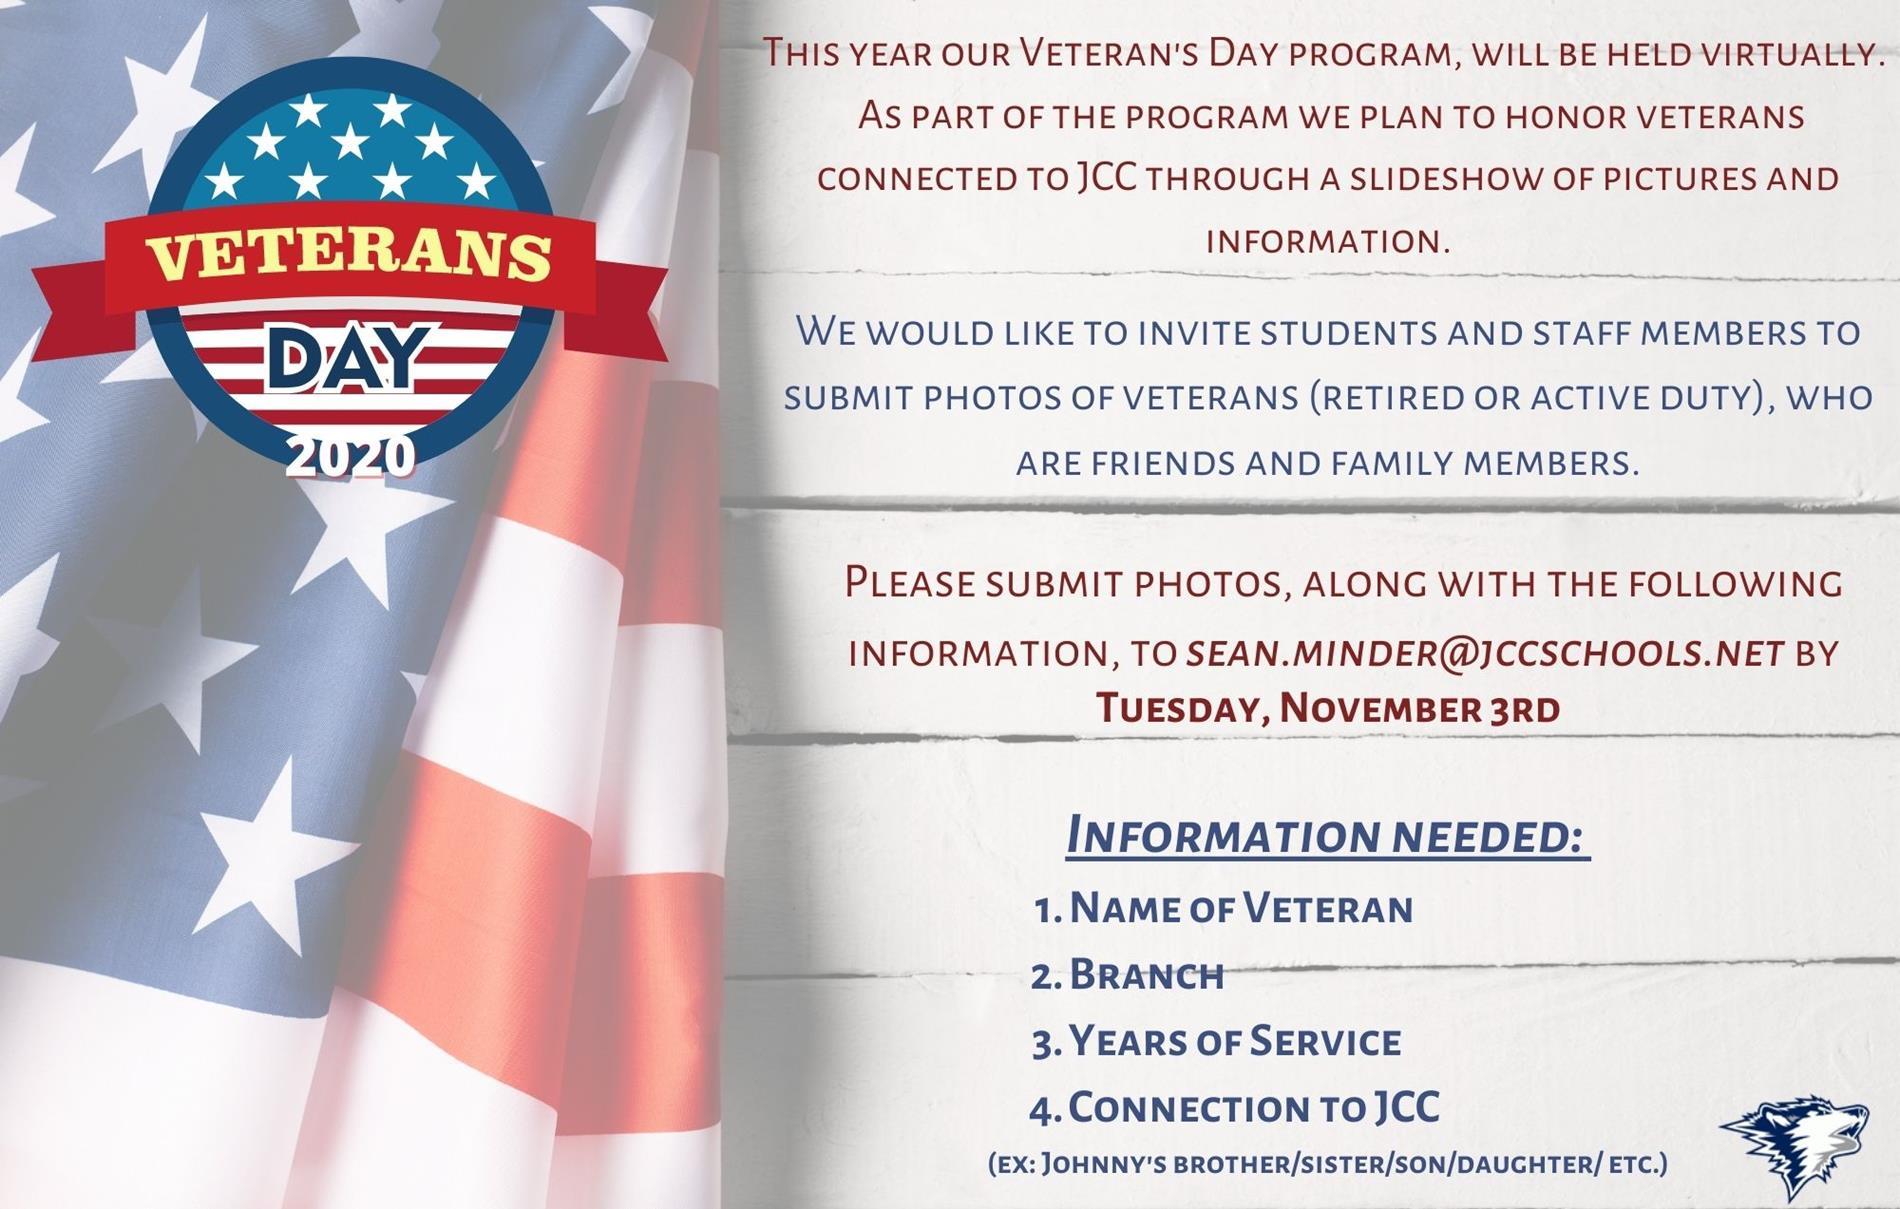 Veteran's Day 2020, JCC Veteran's Day Program